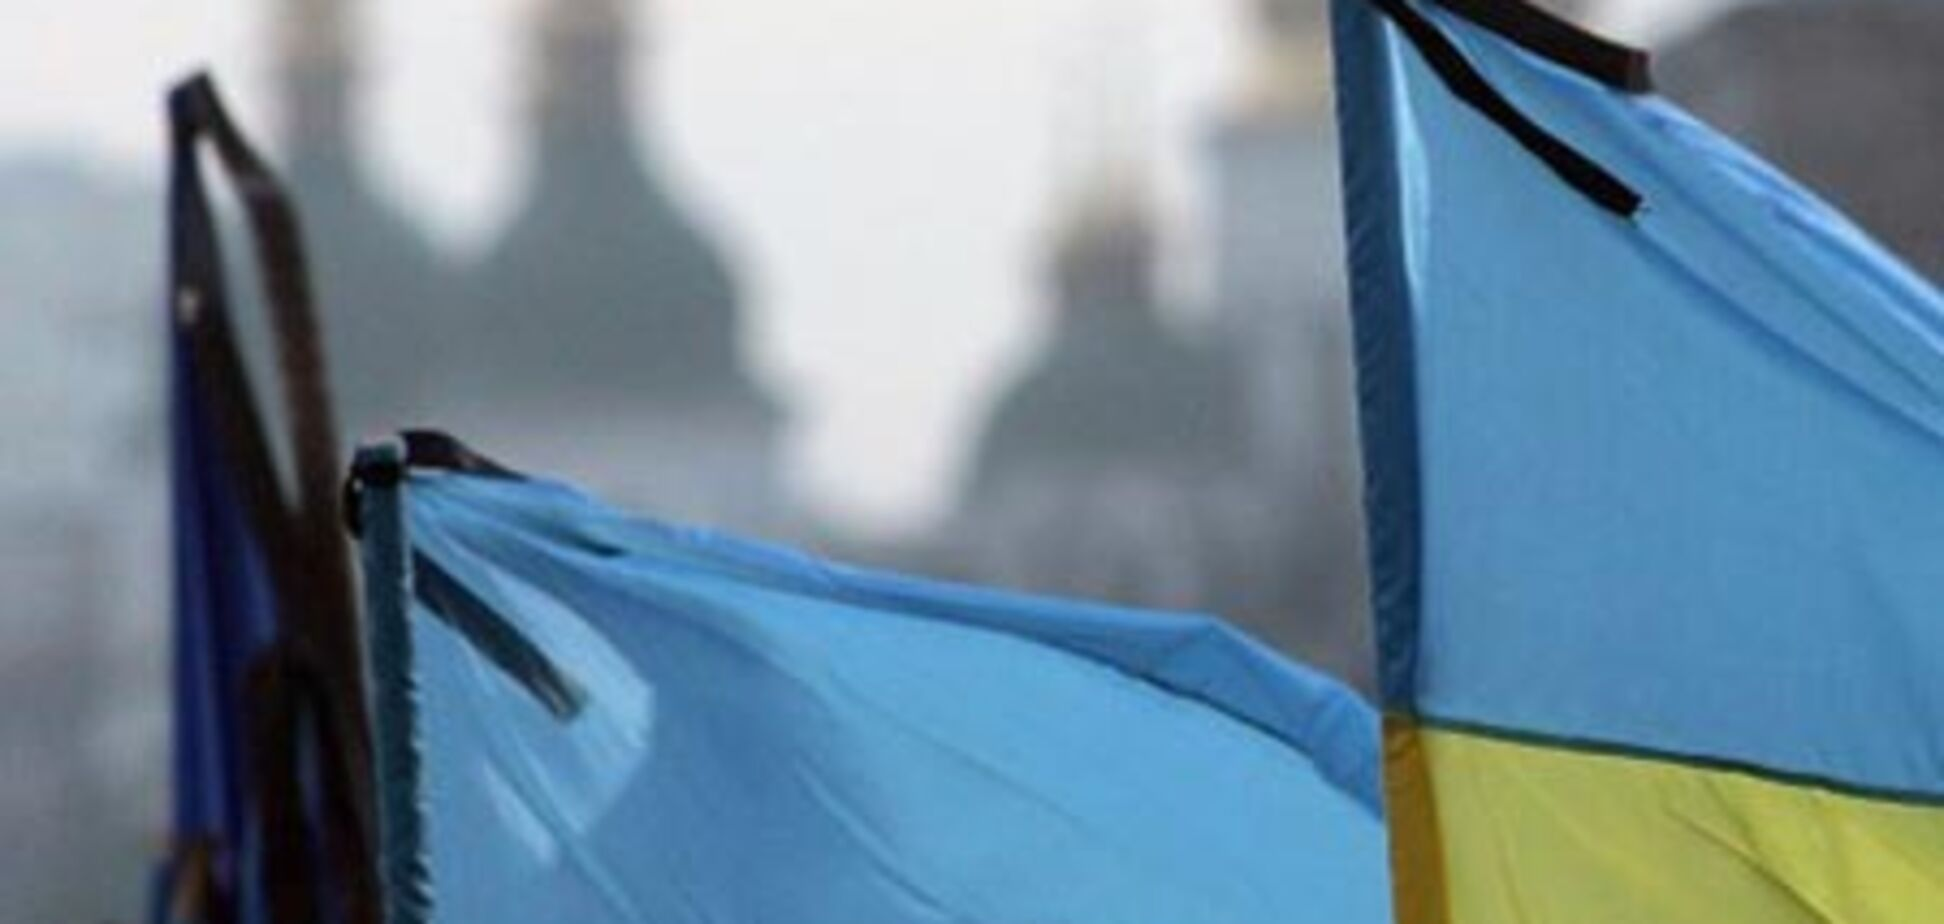 20 років Незалежної України: загадкові смерті політиків